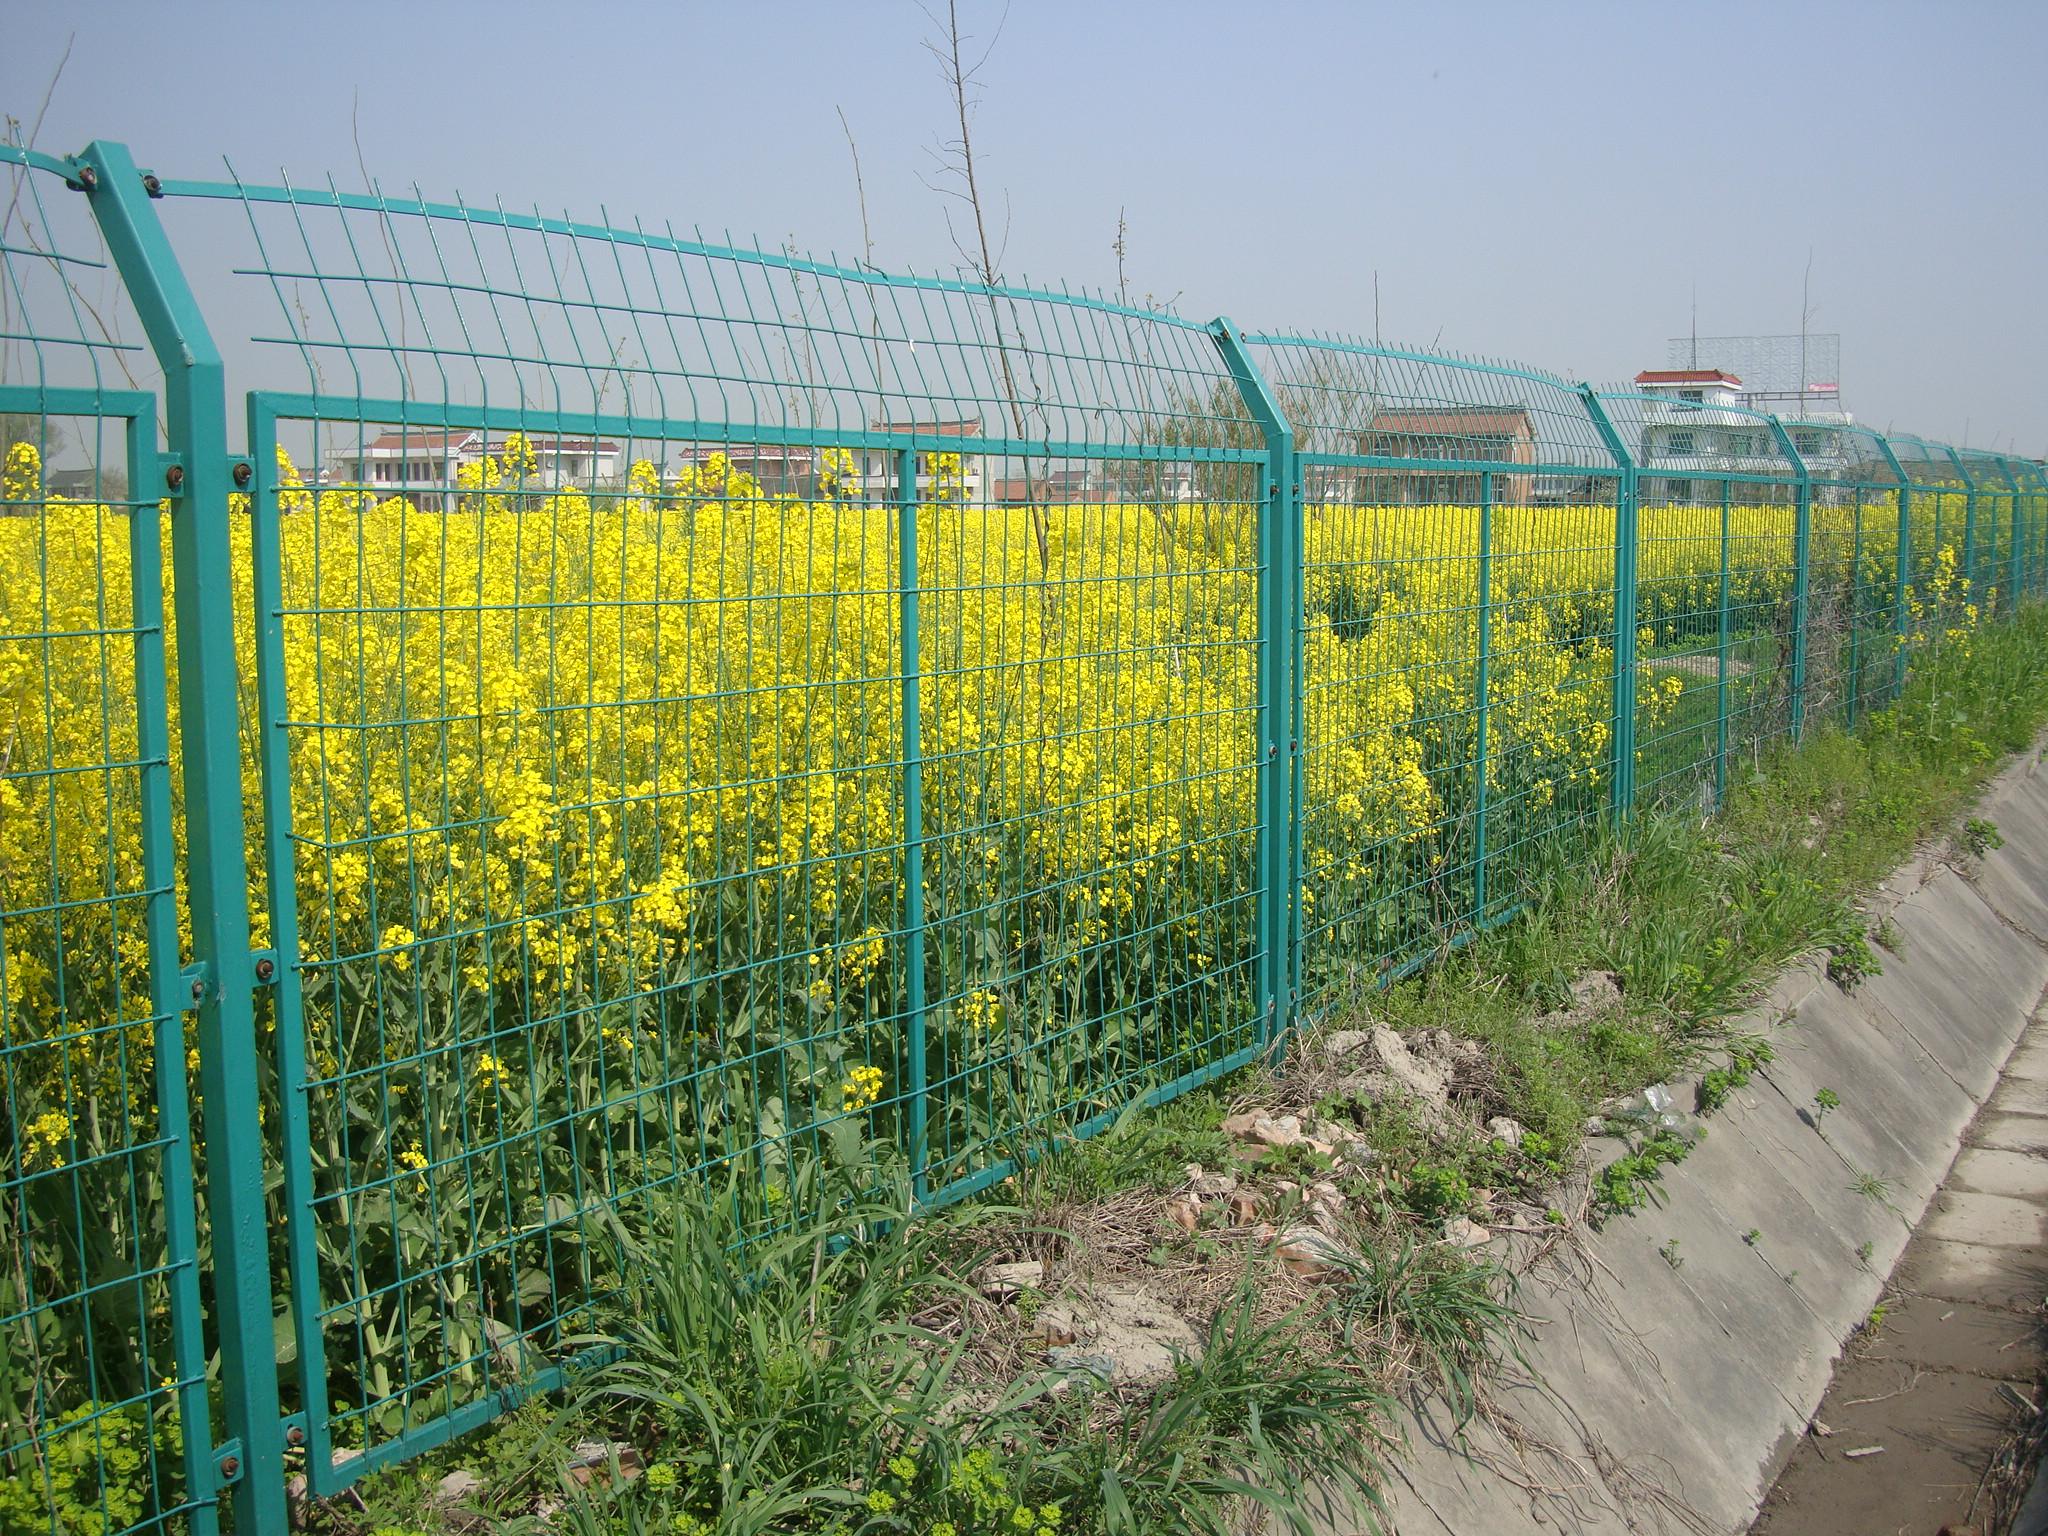 瑞安圈山防护隔离护栏网厂家批发价格